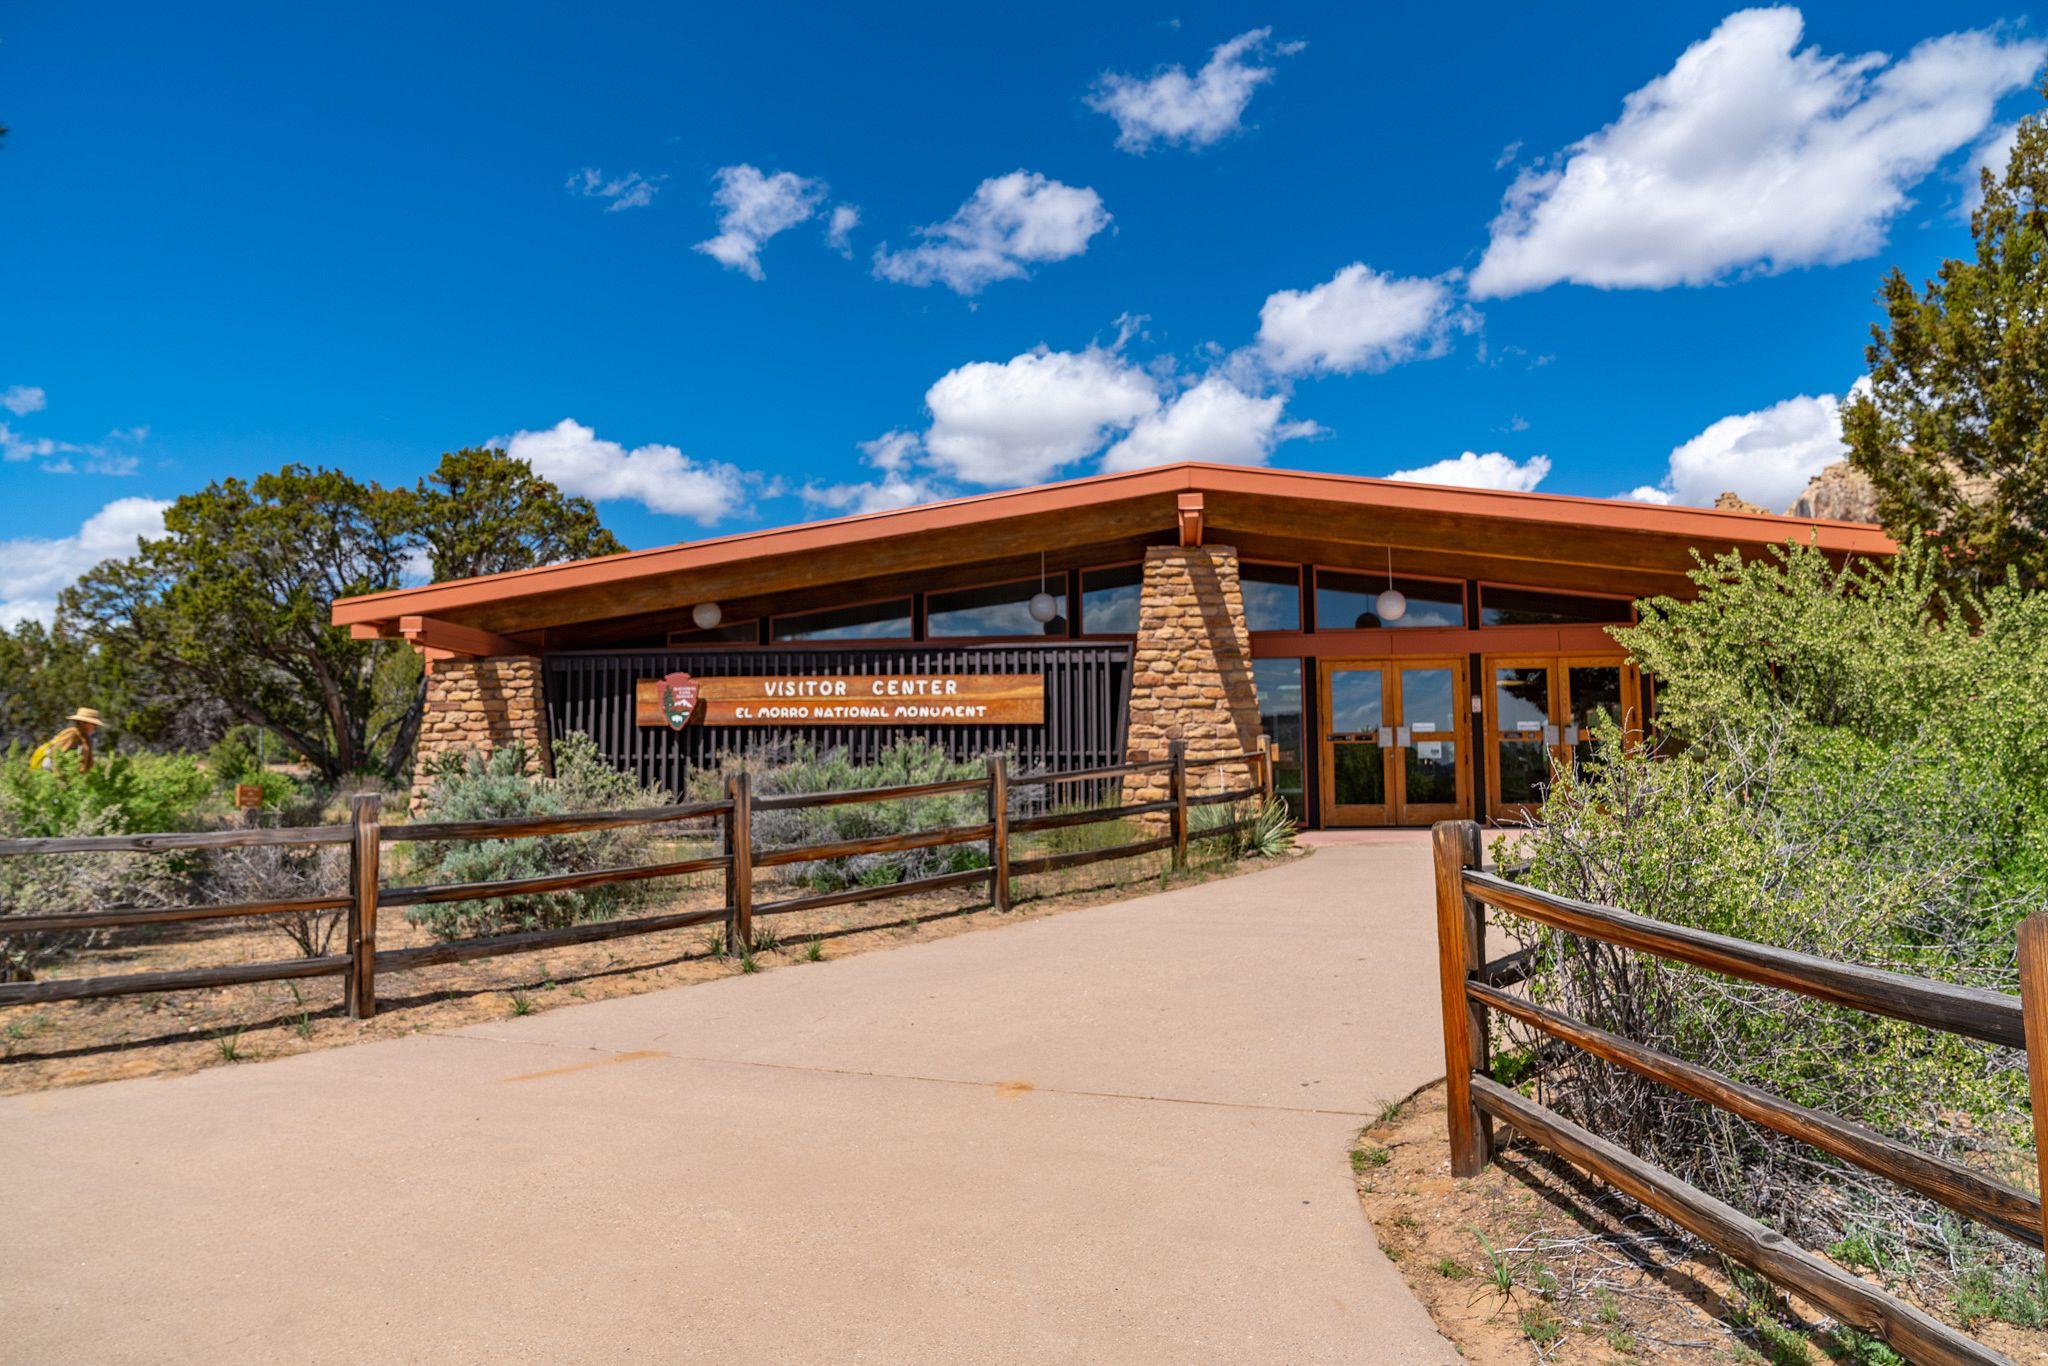 El Morro Visitor Center